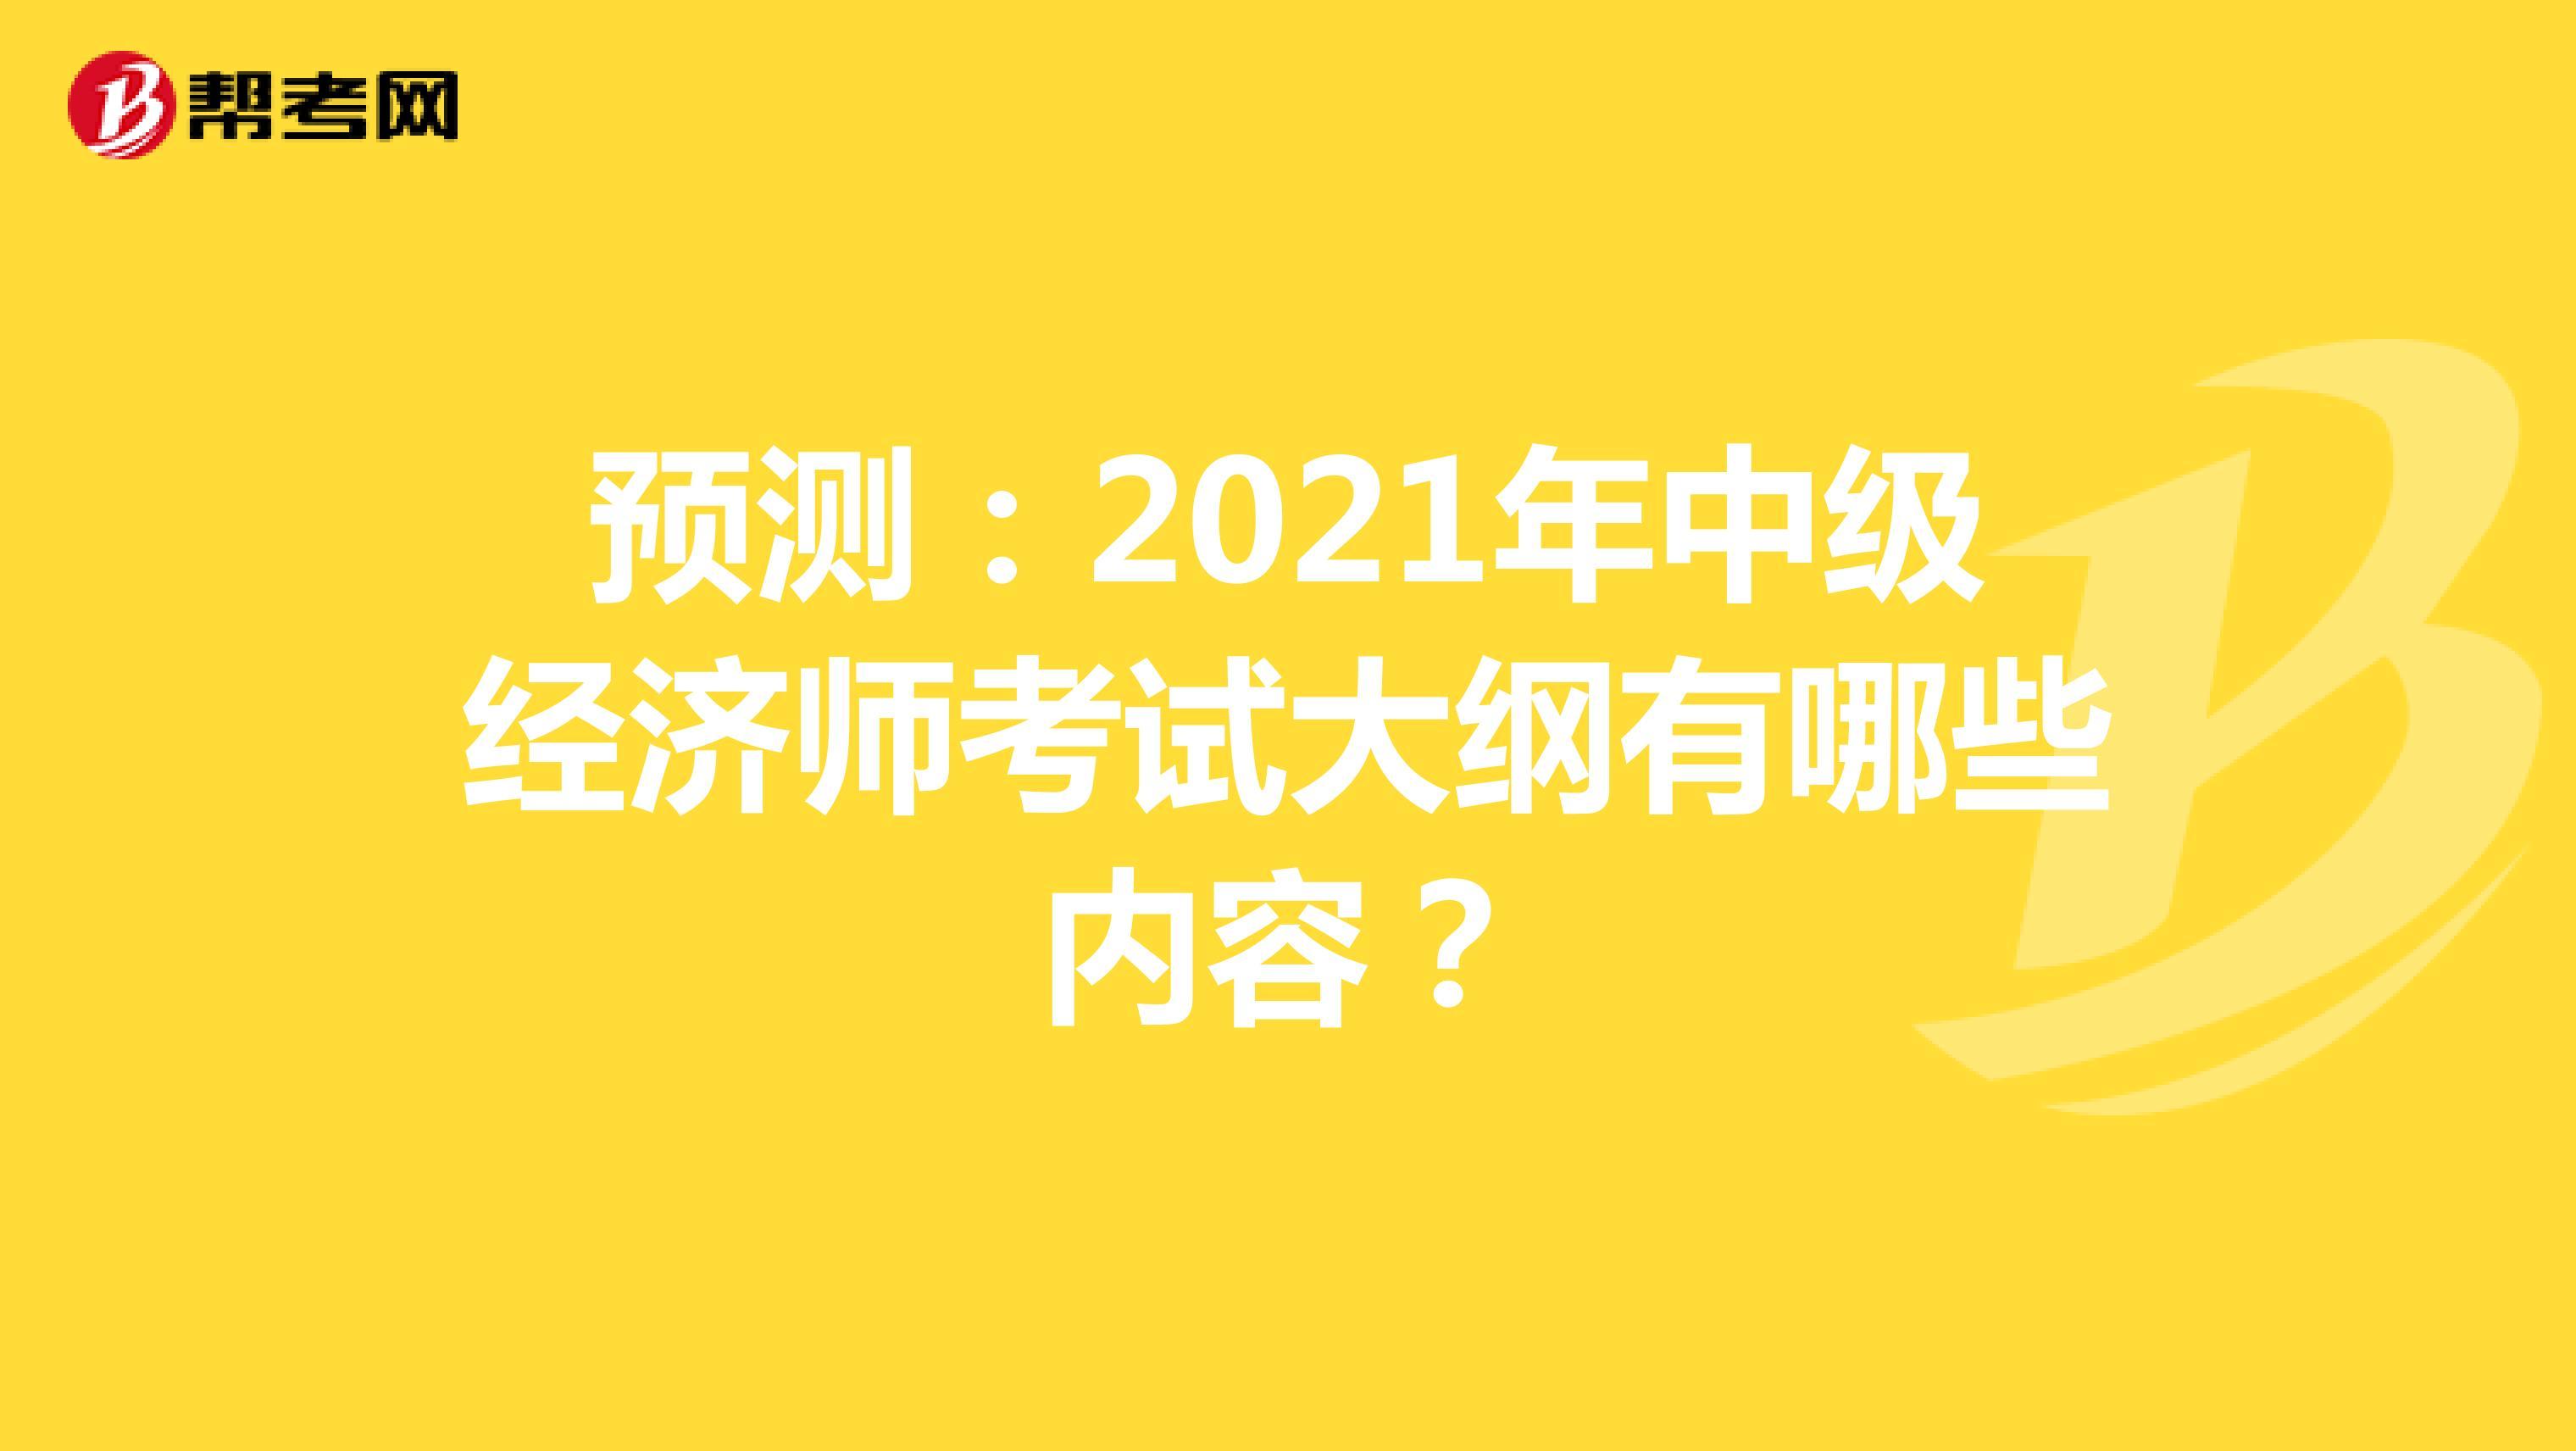 预测:2021年中级经济师考试大纲有哪些内容?